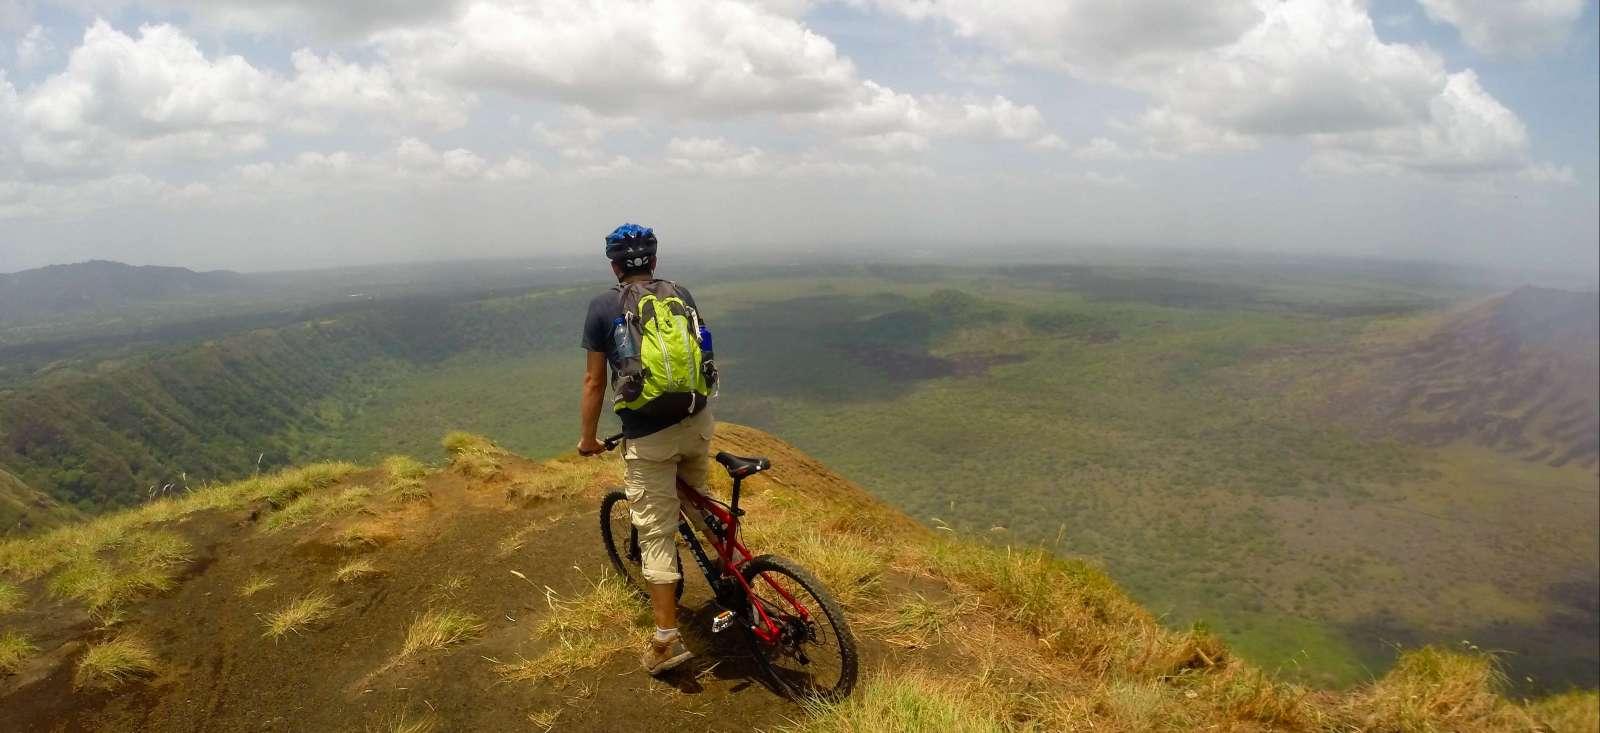 Voyage en véhicule Nicaragua : Le Nicaragua à bicyclette !